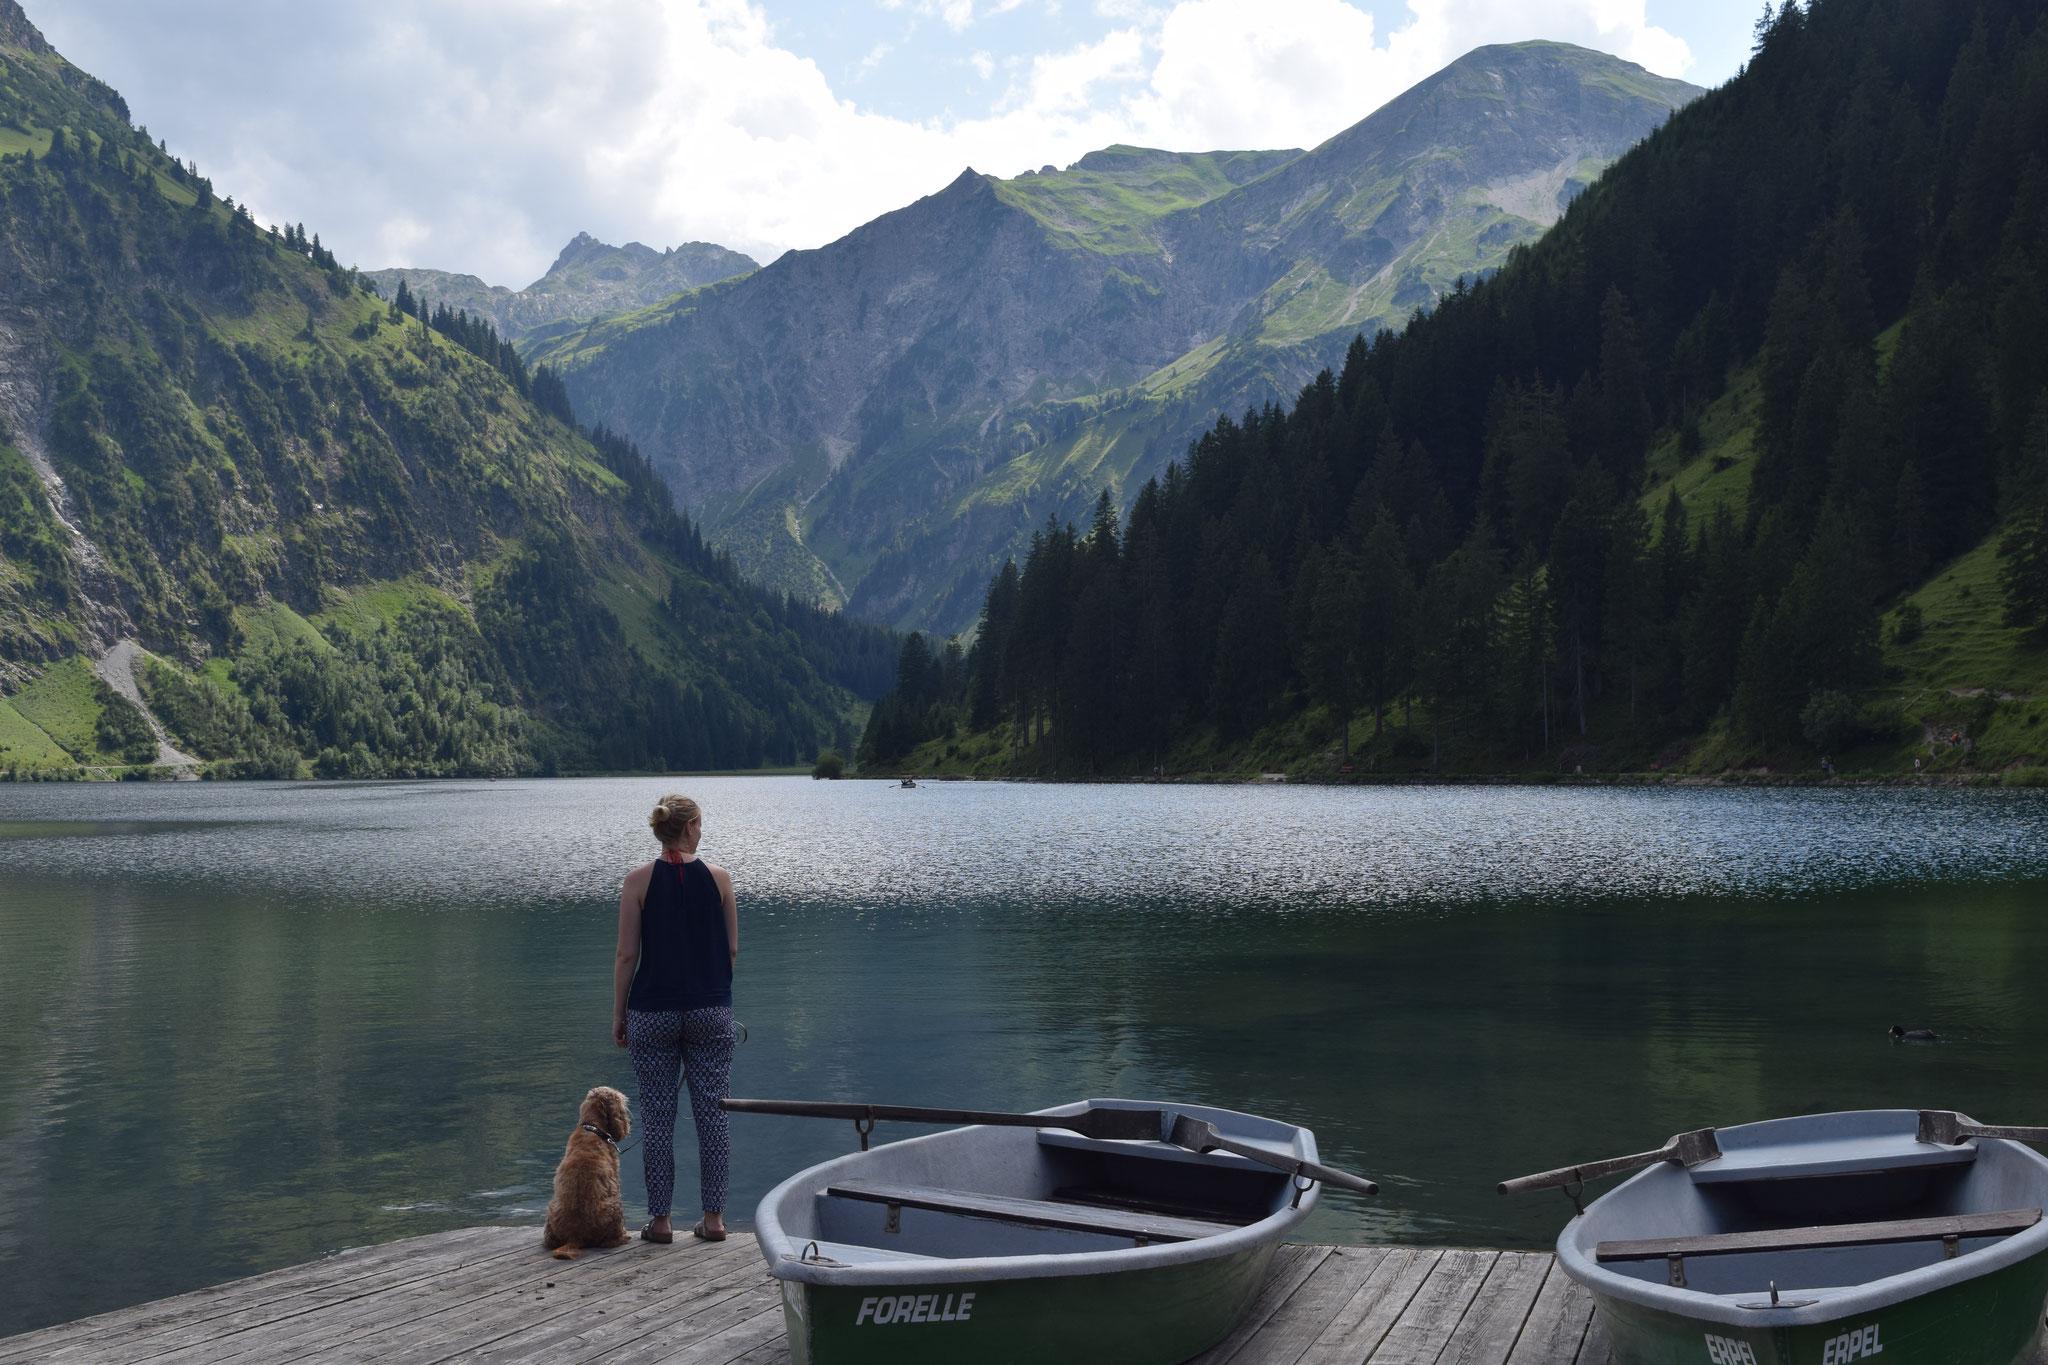 Meine Sommerferien im Allgäu. Mit Badespaß, Bergwanderungen, Schloss Neuschwanstein und dem Visalpsee.